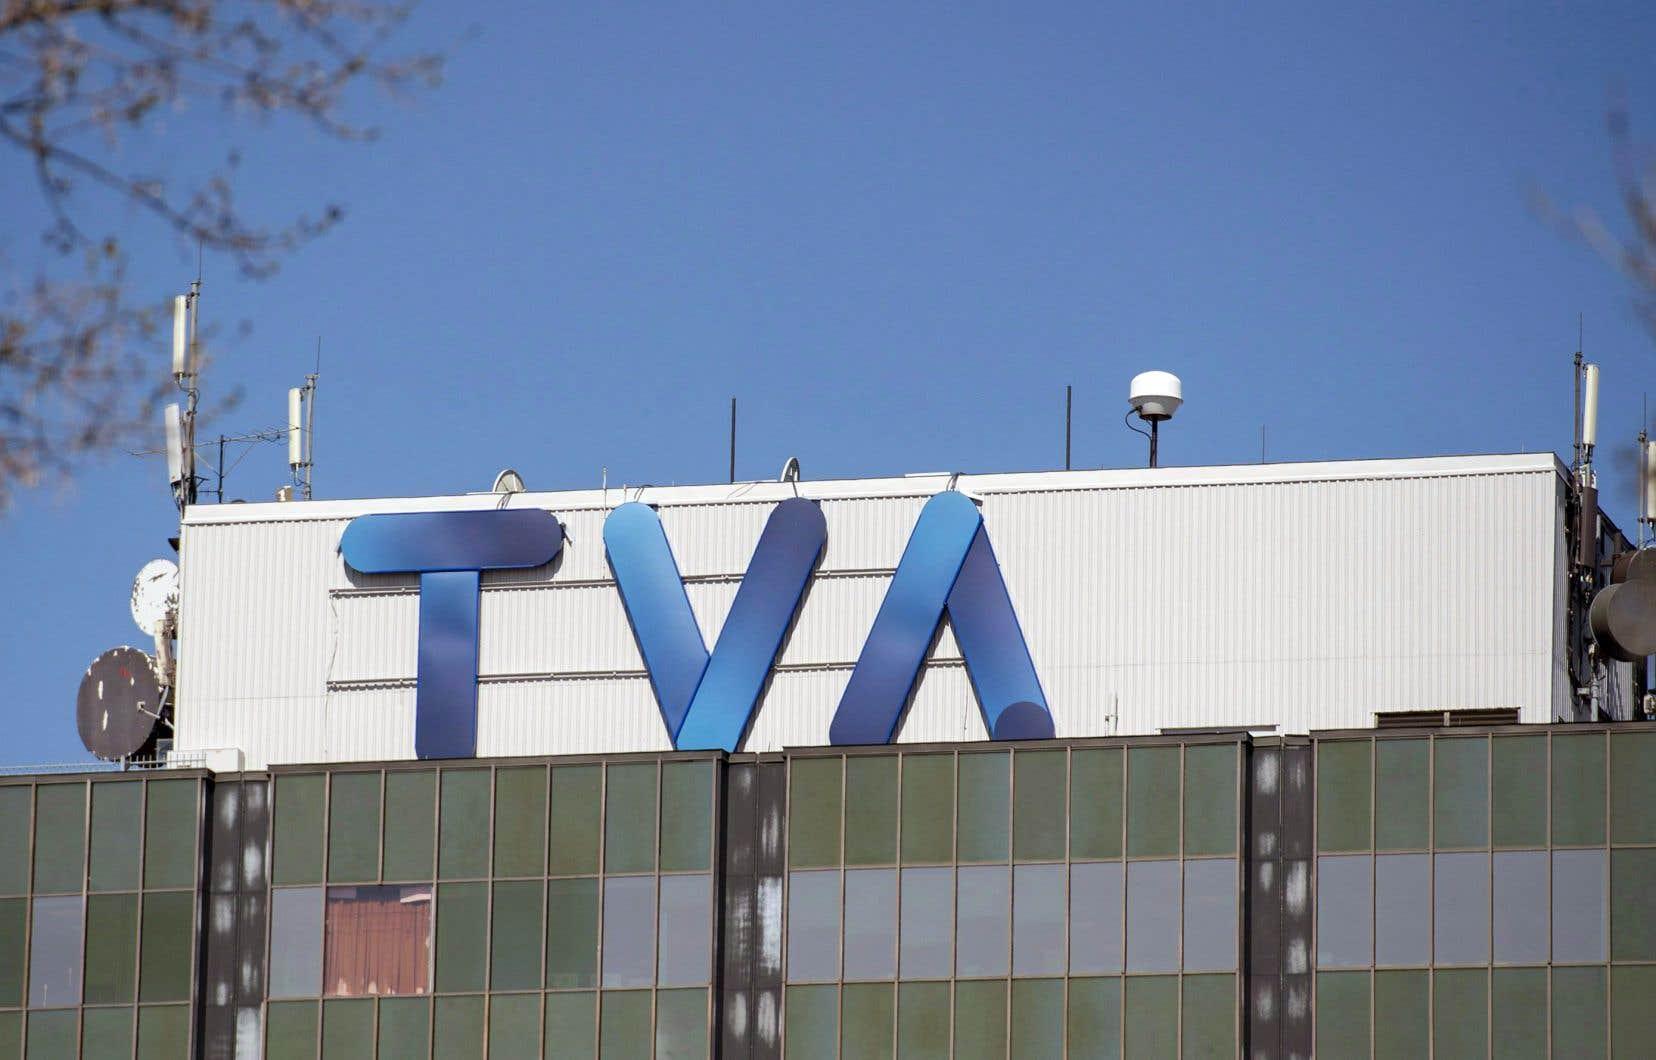 TVA et son syndicat tenaient ce lundi une nouvelle journée de négociations, alors que les discussions étaient au point mort depuis mercredi dernier.